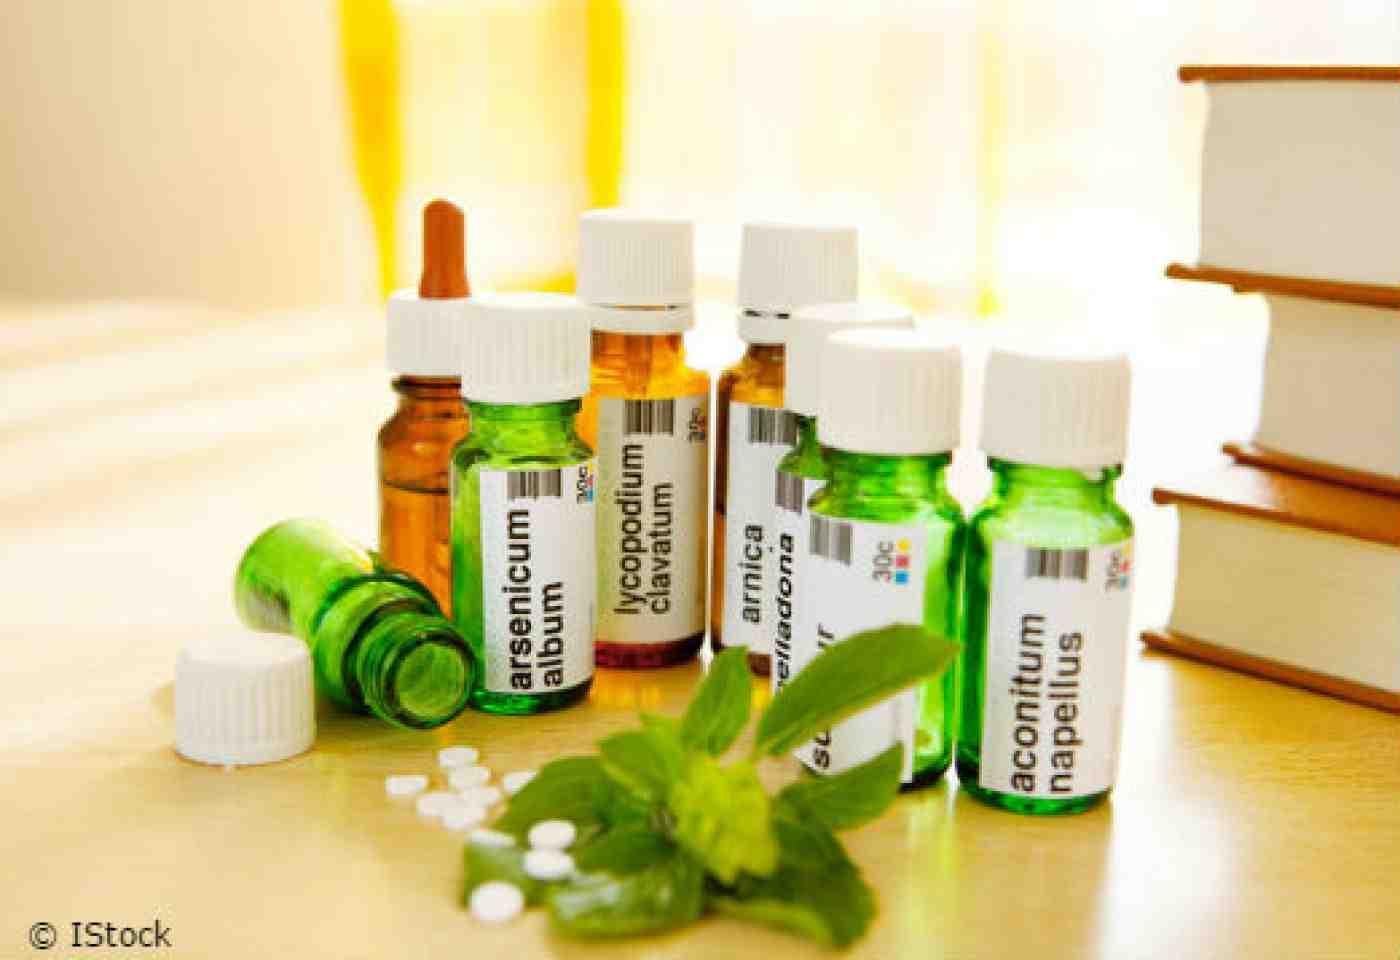 Comment et quand prendre des pilules homéopathiques?